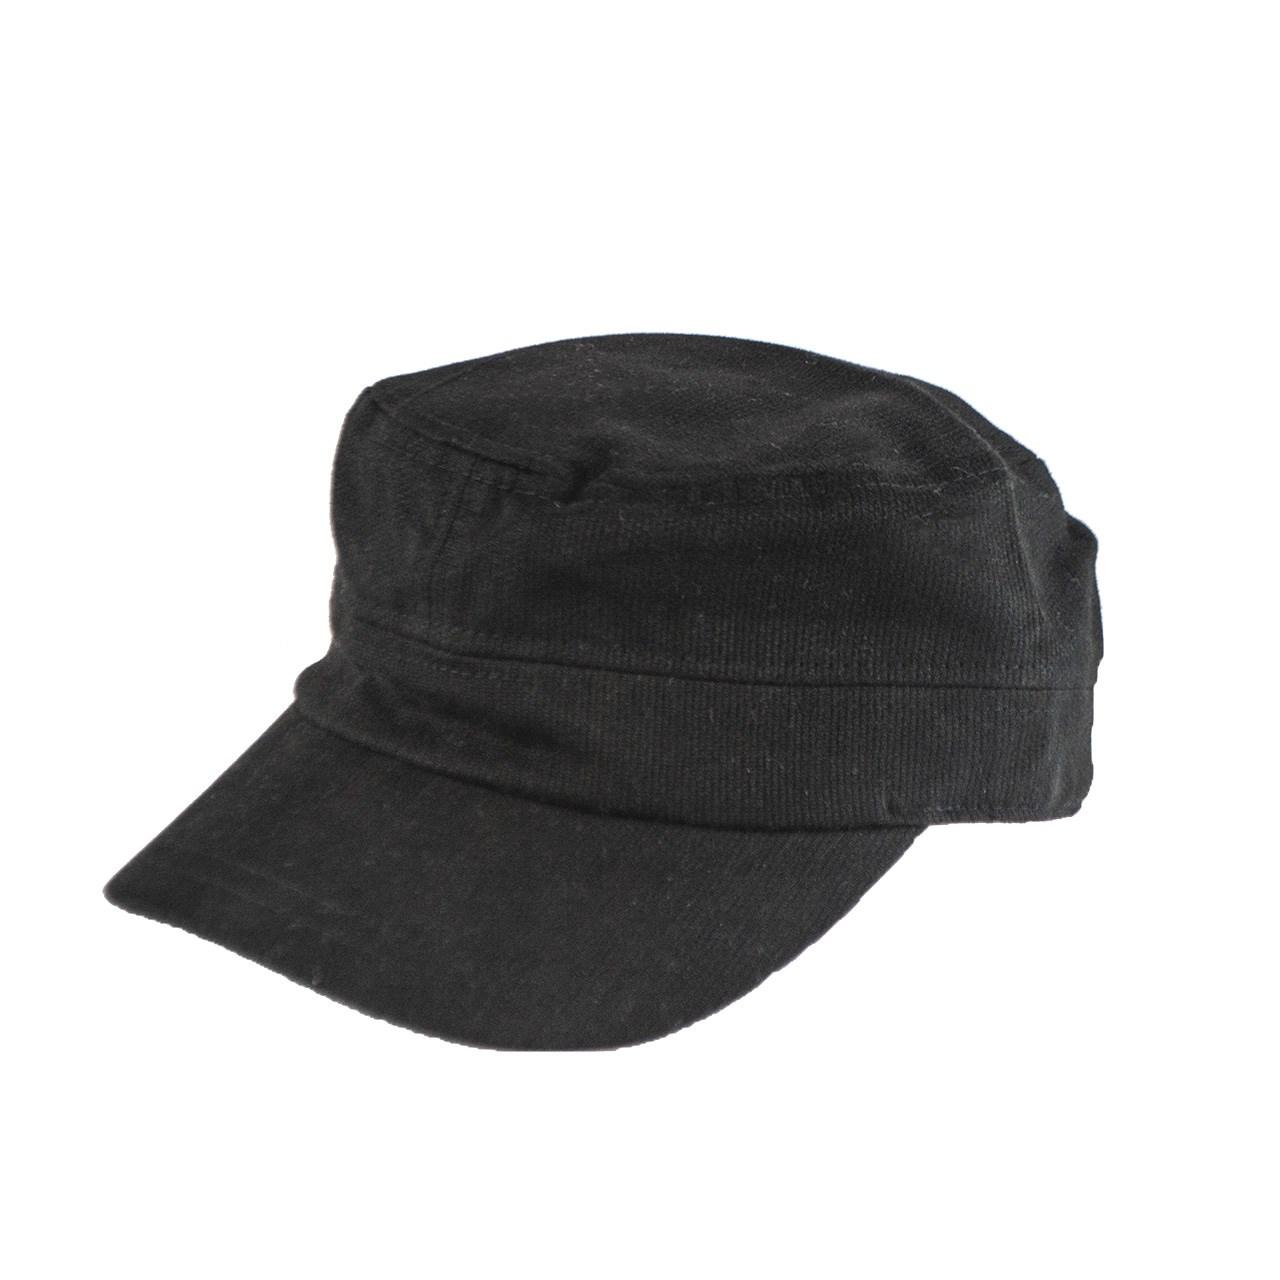 کلاه نقابدار مردانه بای نت کد 1123